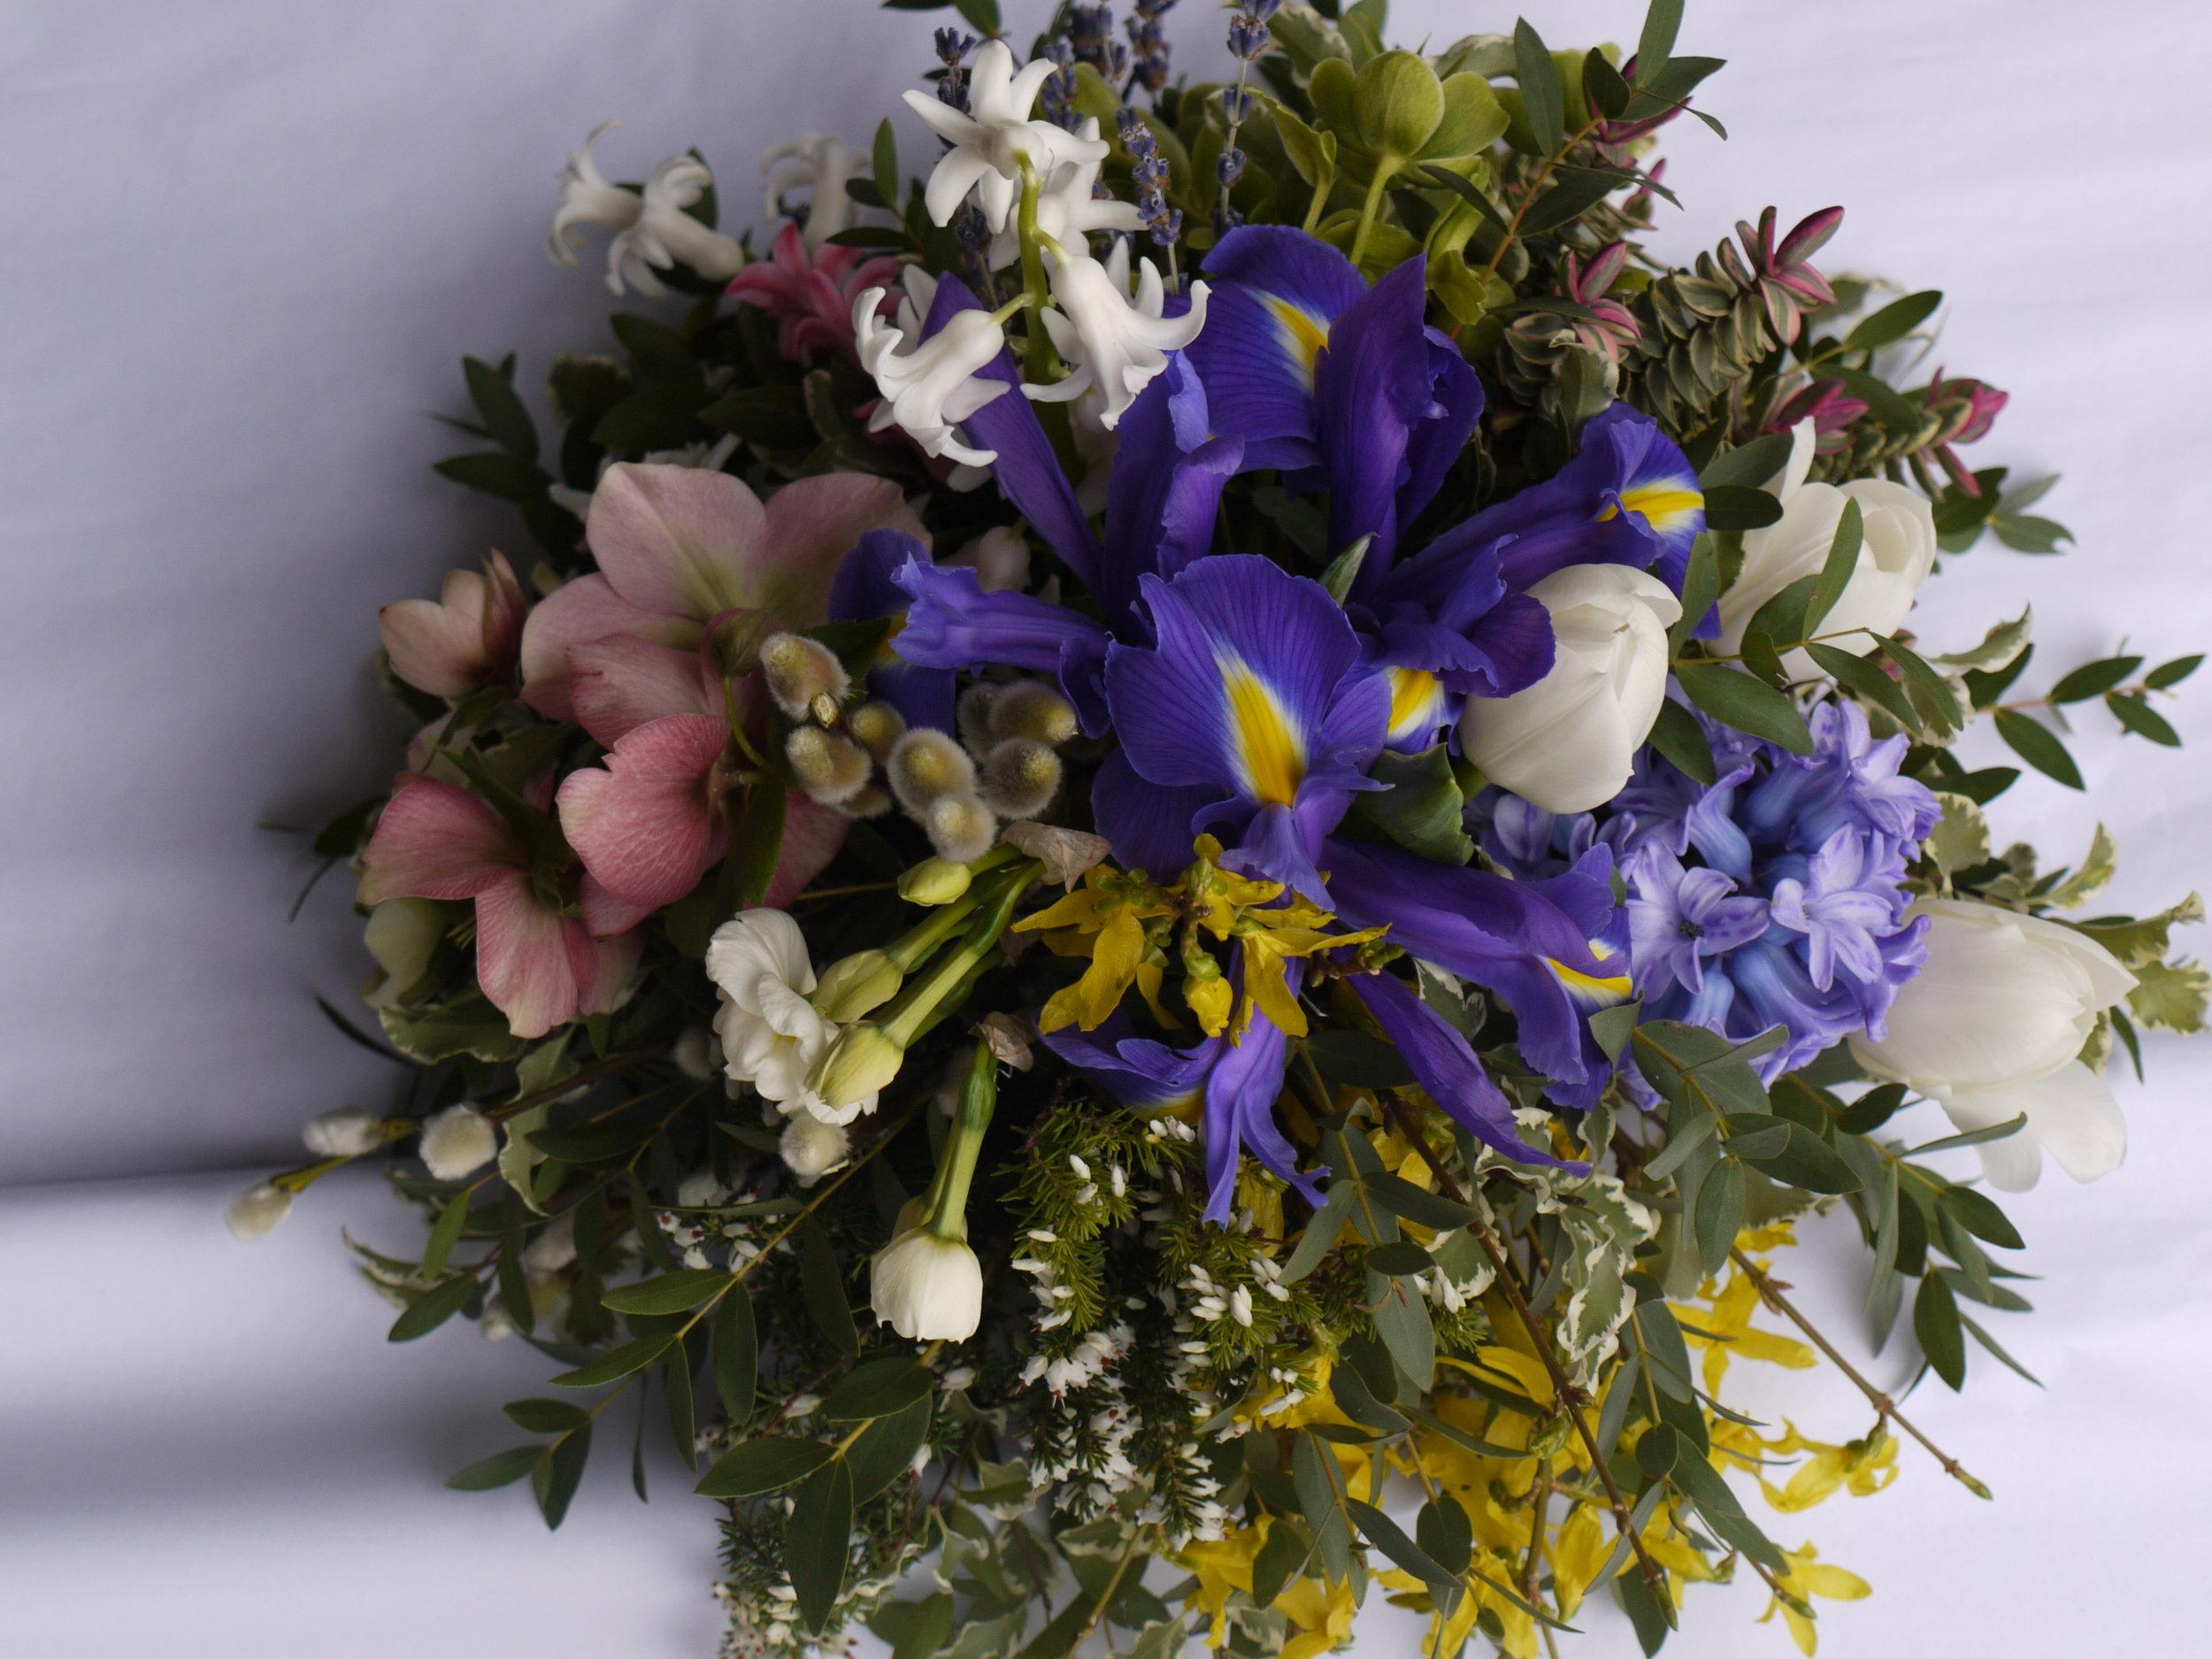 FLOWER BASKET WORKSHOP - £50